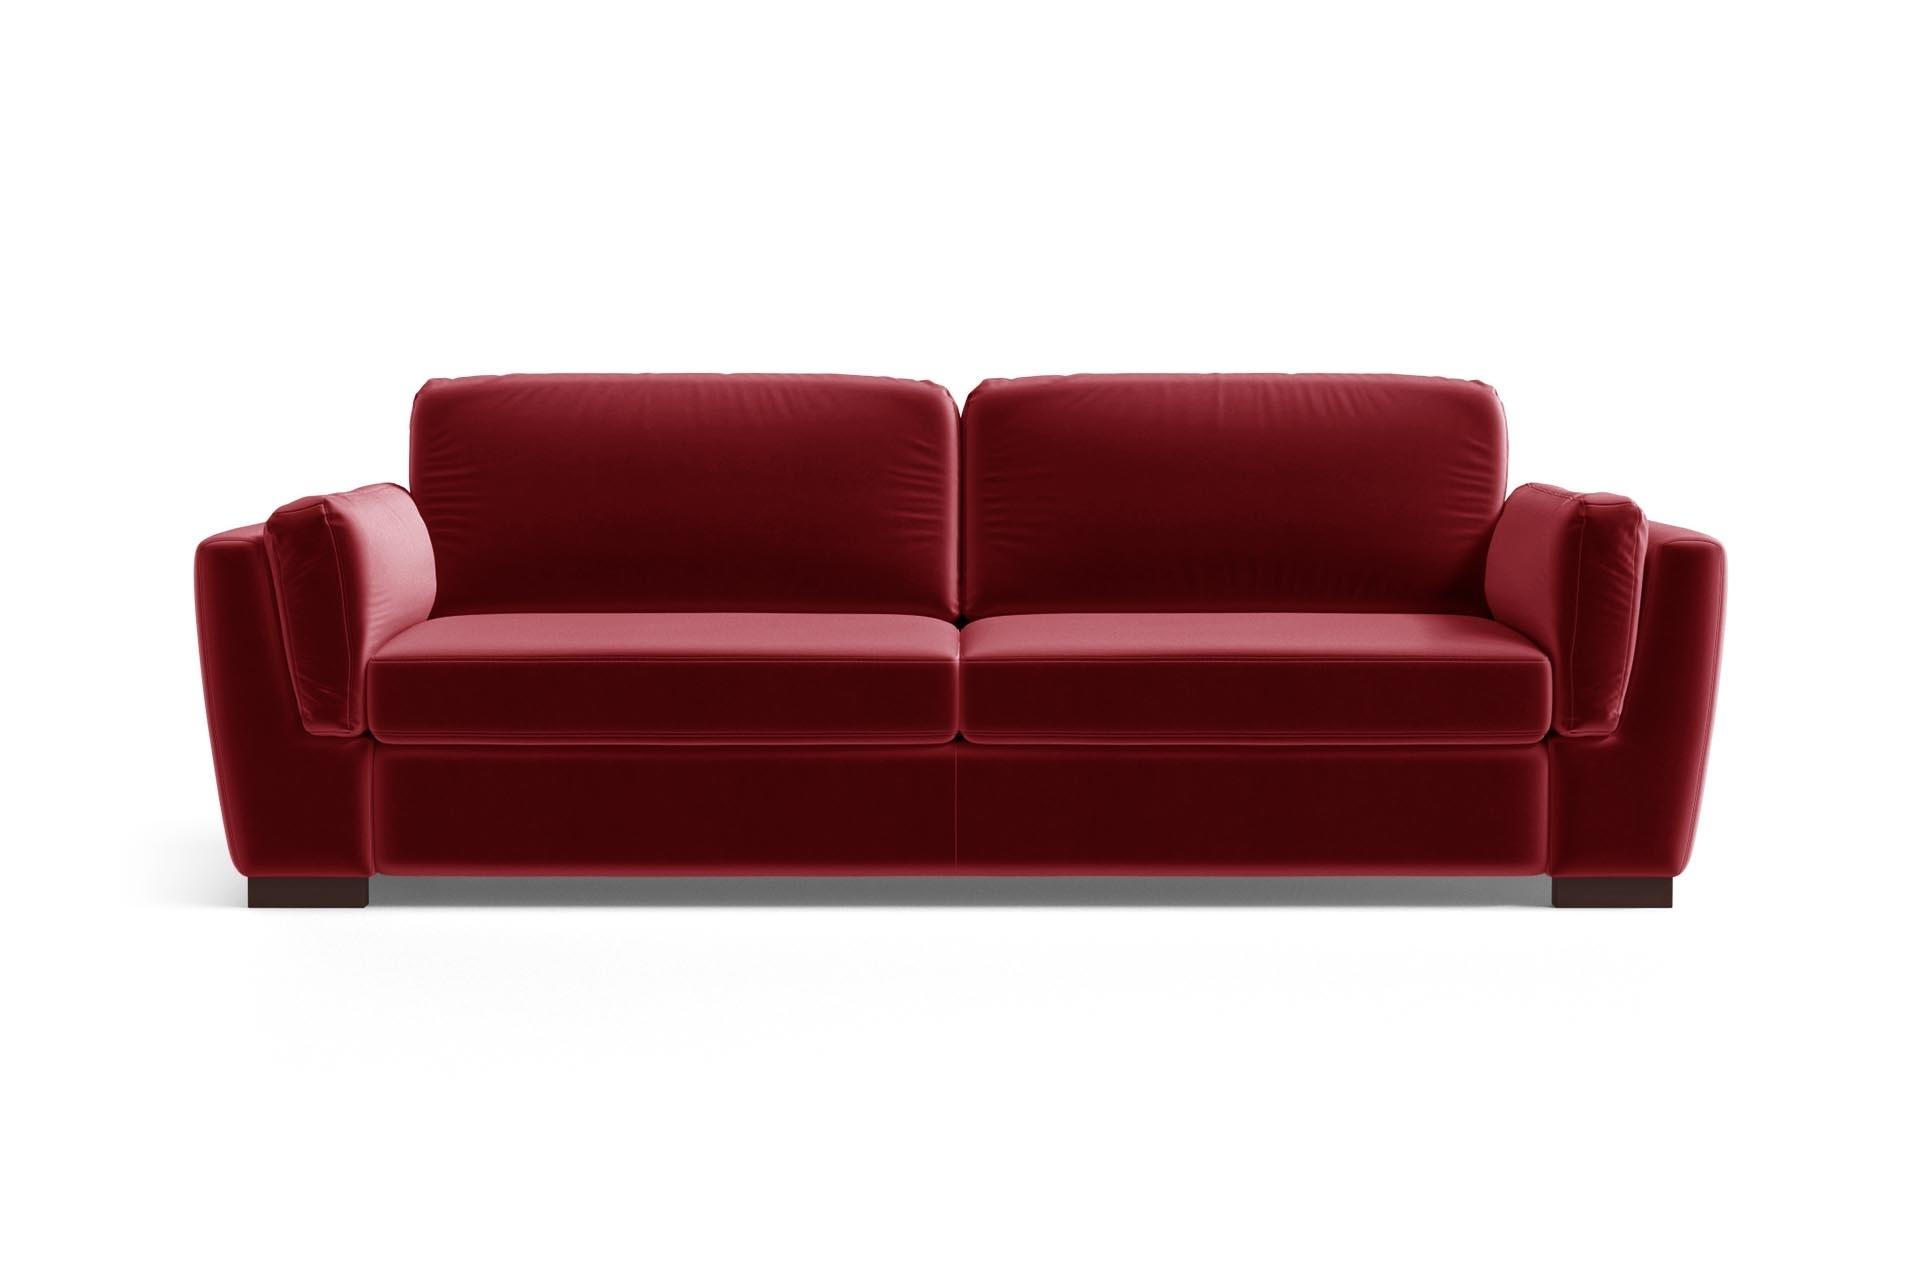 Canapé 3 places en velours rouge